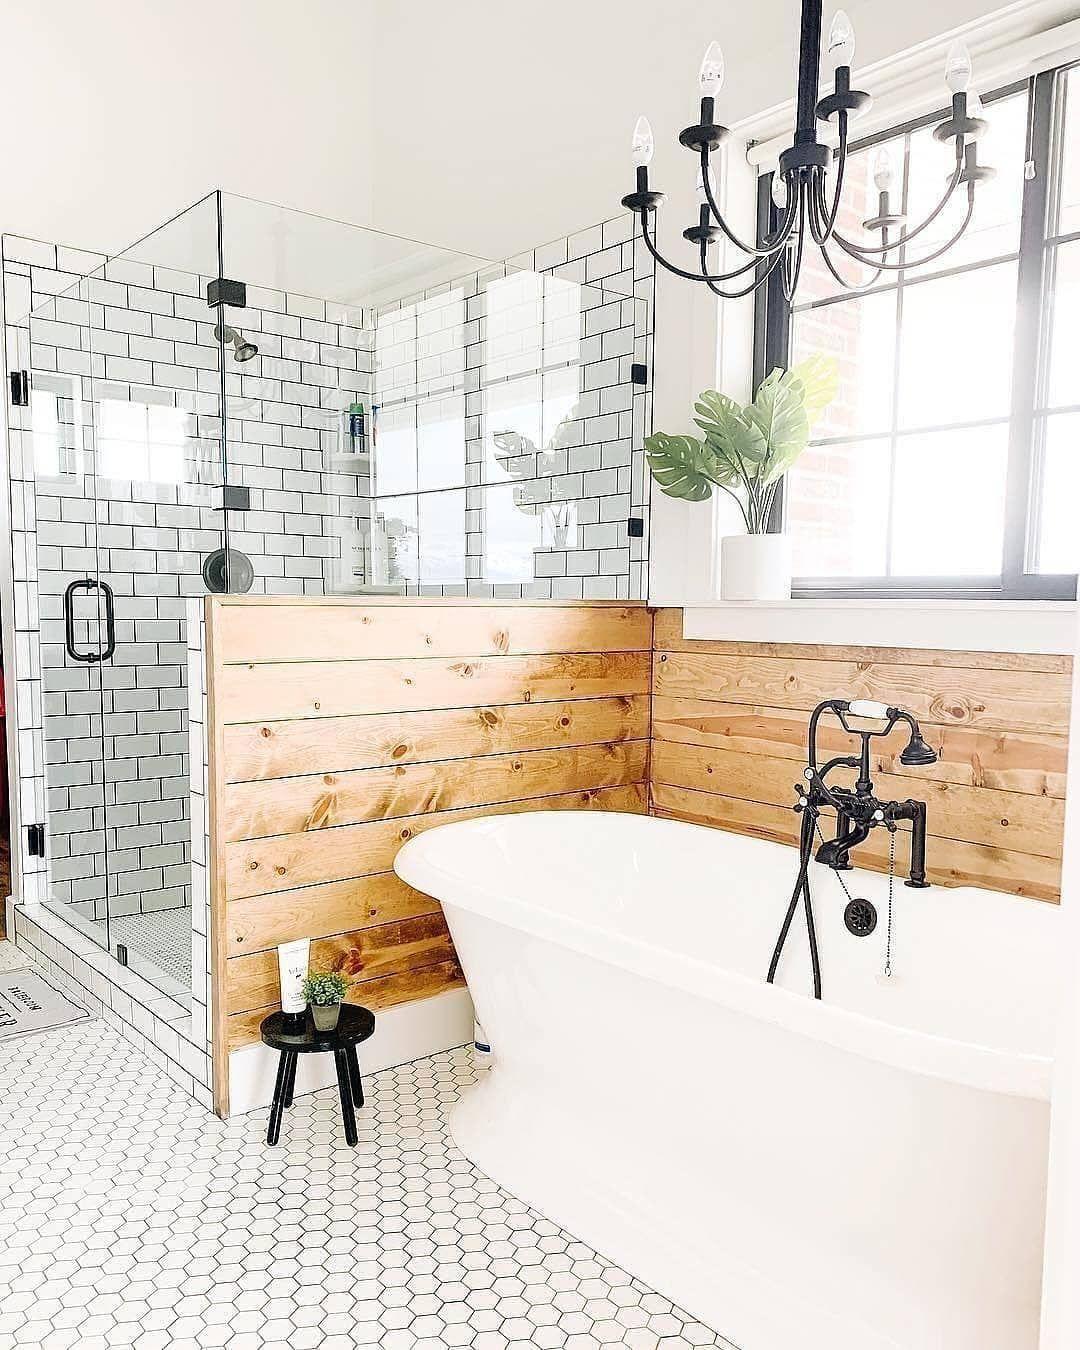 25 Farmhouse Bathroom Ideas For Bathroom Remodel - M12